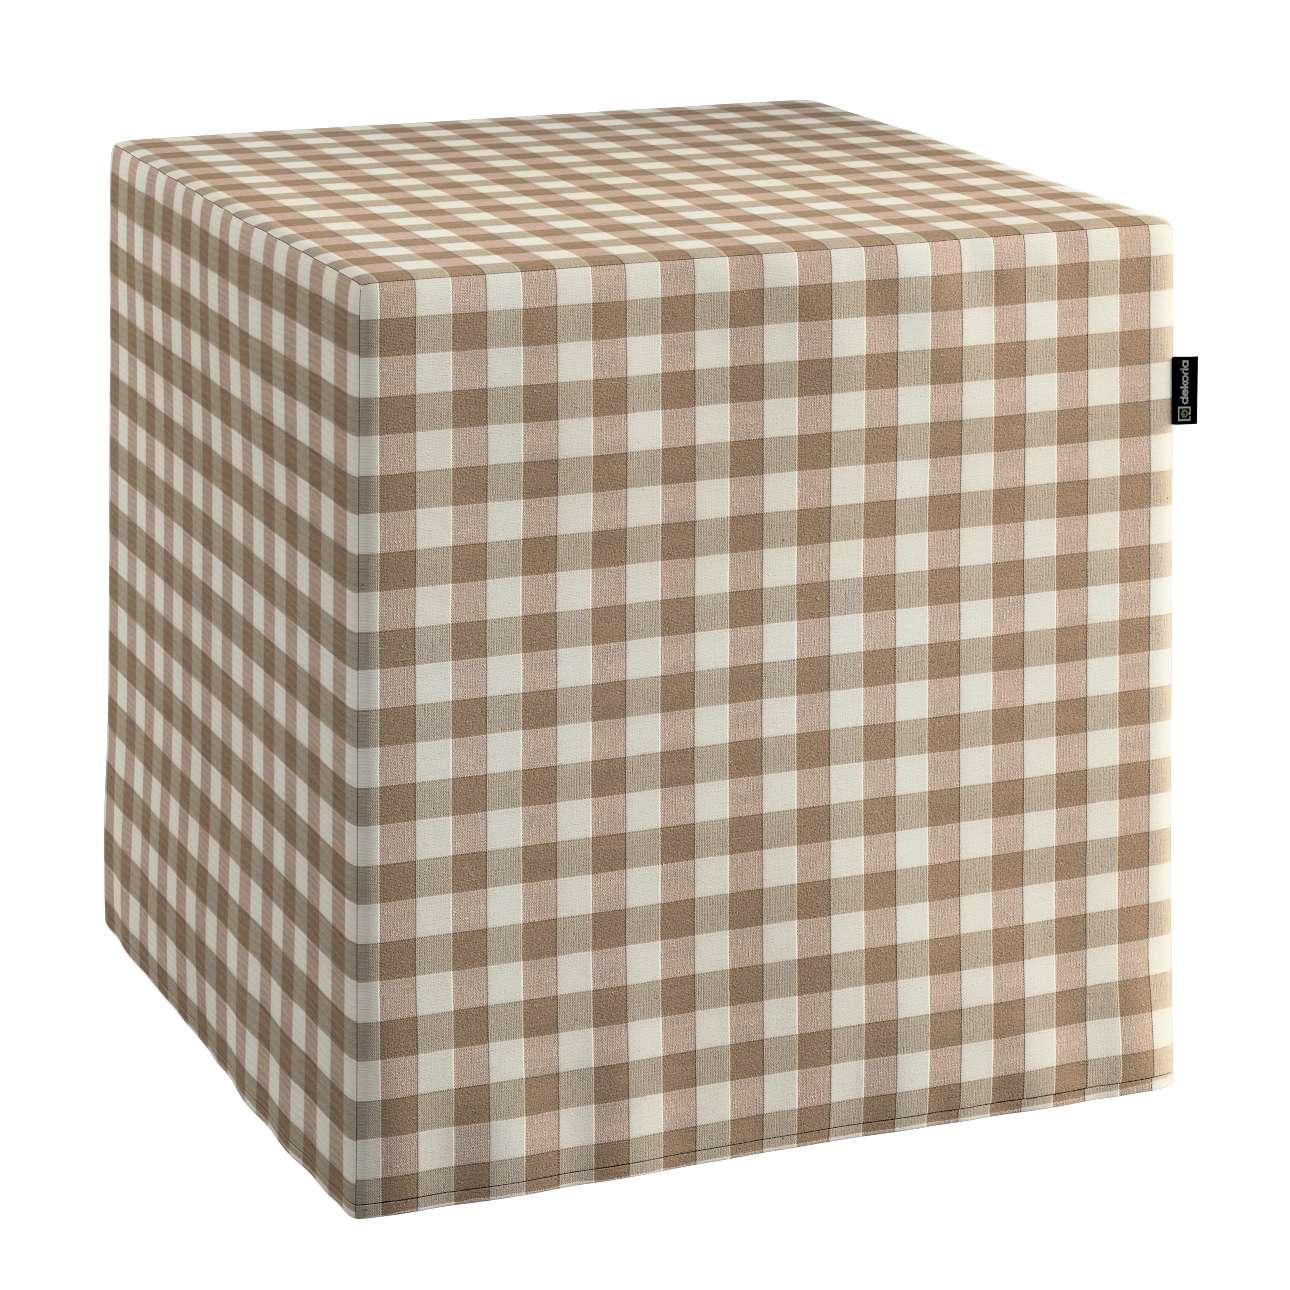 Pokrowiec na pufę kostke kostka 40x40x40 cm w kolekcji Quadro, tkanina: 136-06